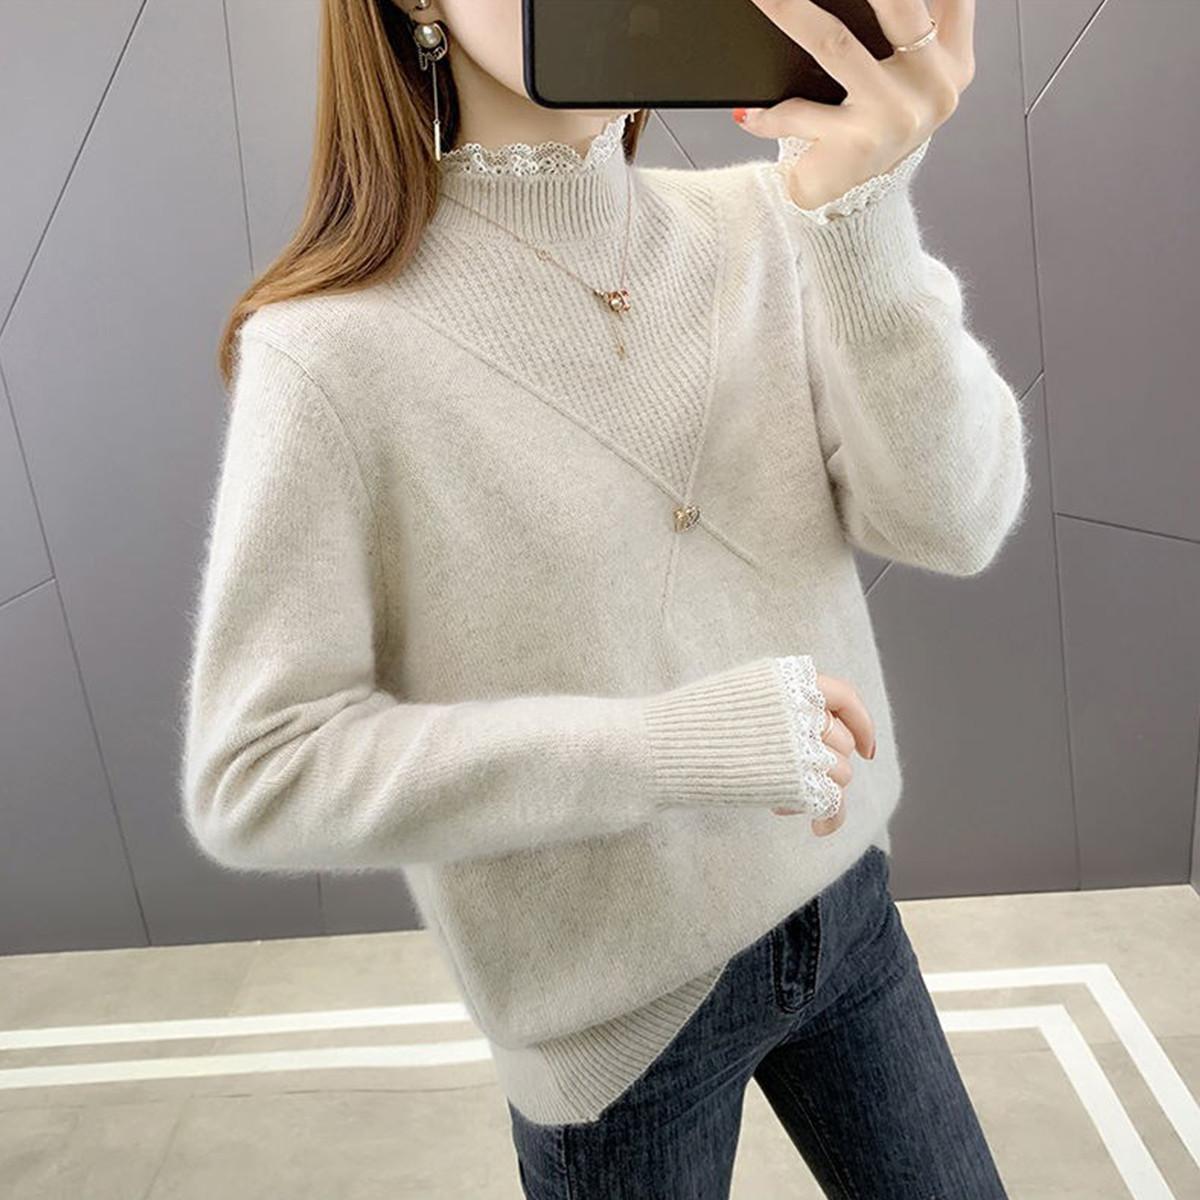 质检官图外穿女士毛衣2021年春秋新款半高领蕾丝拼接针织打底衫女